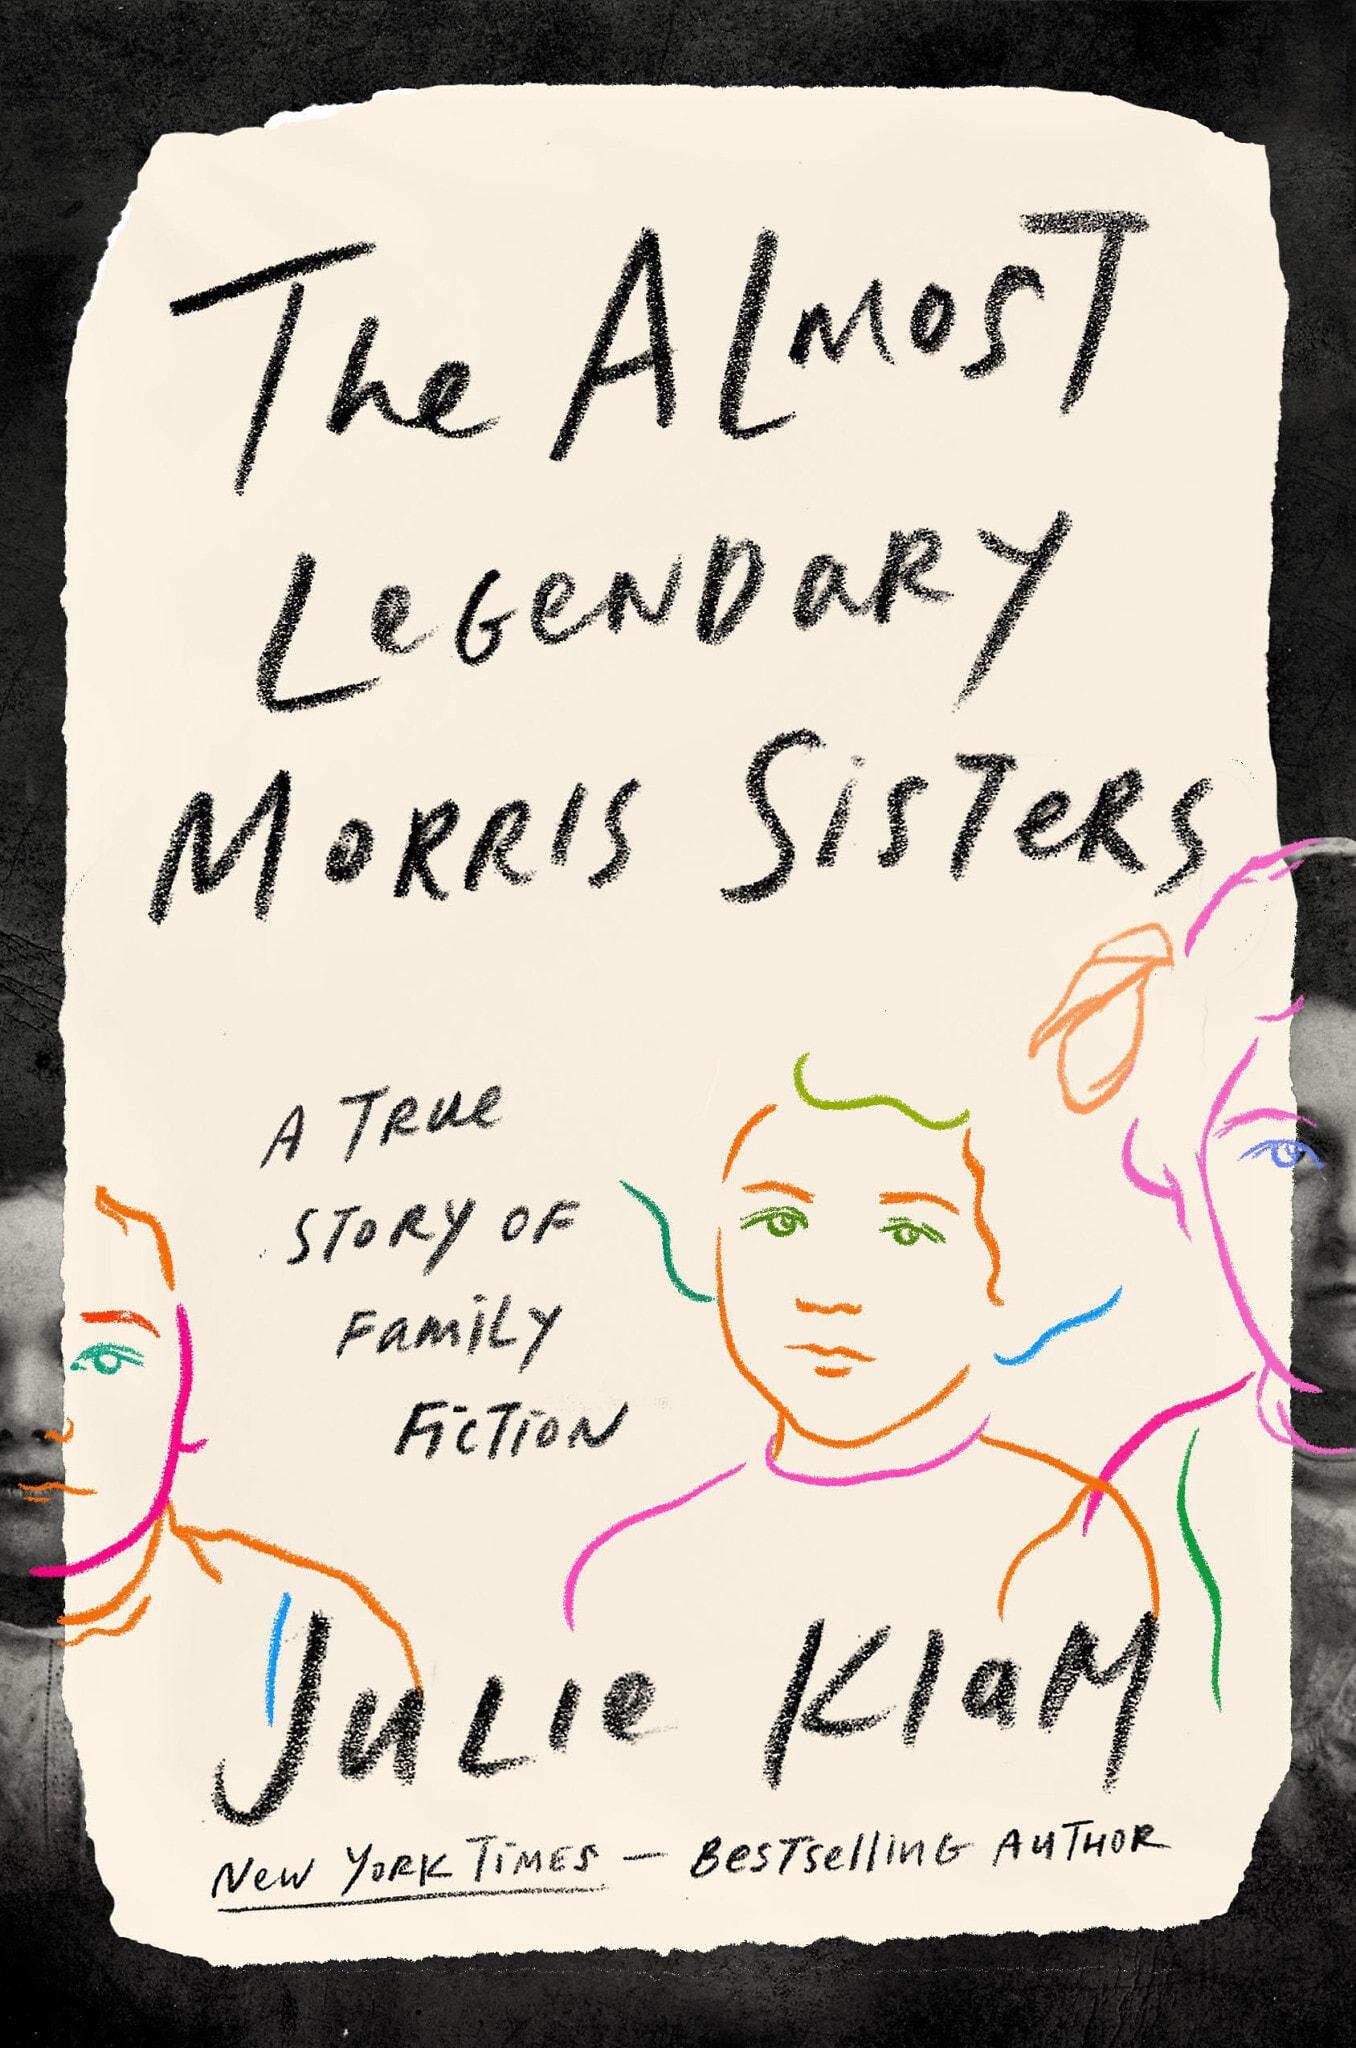 עטיפת הספר האחיות מוריס הכמעט אגדיות: סיפור אמיתי על בדיה משפחתית מאת ג'ולי קלאם (צילום: Riverhead Books)